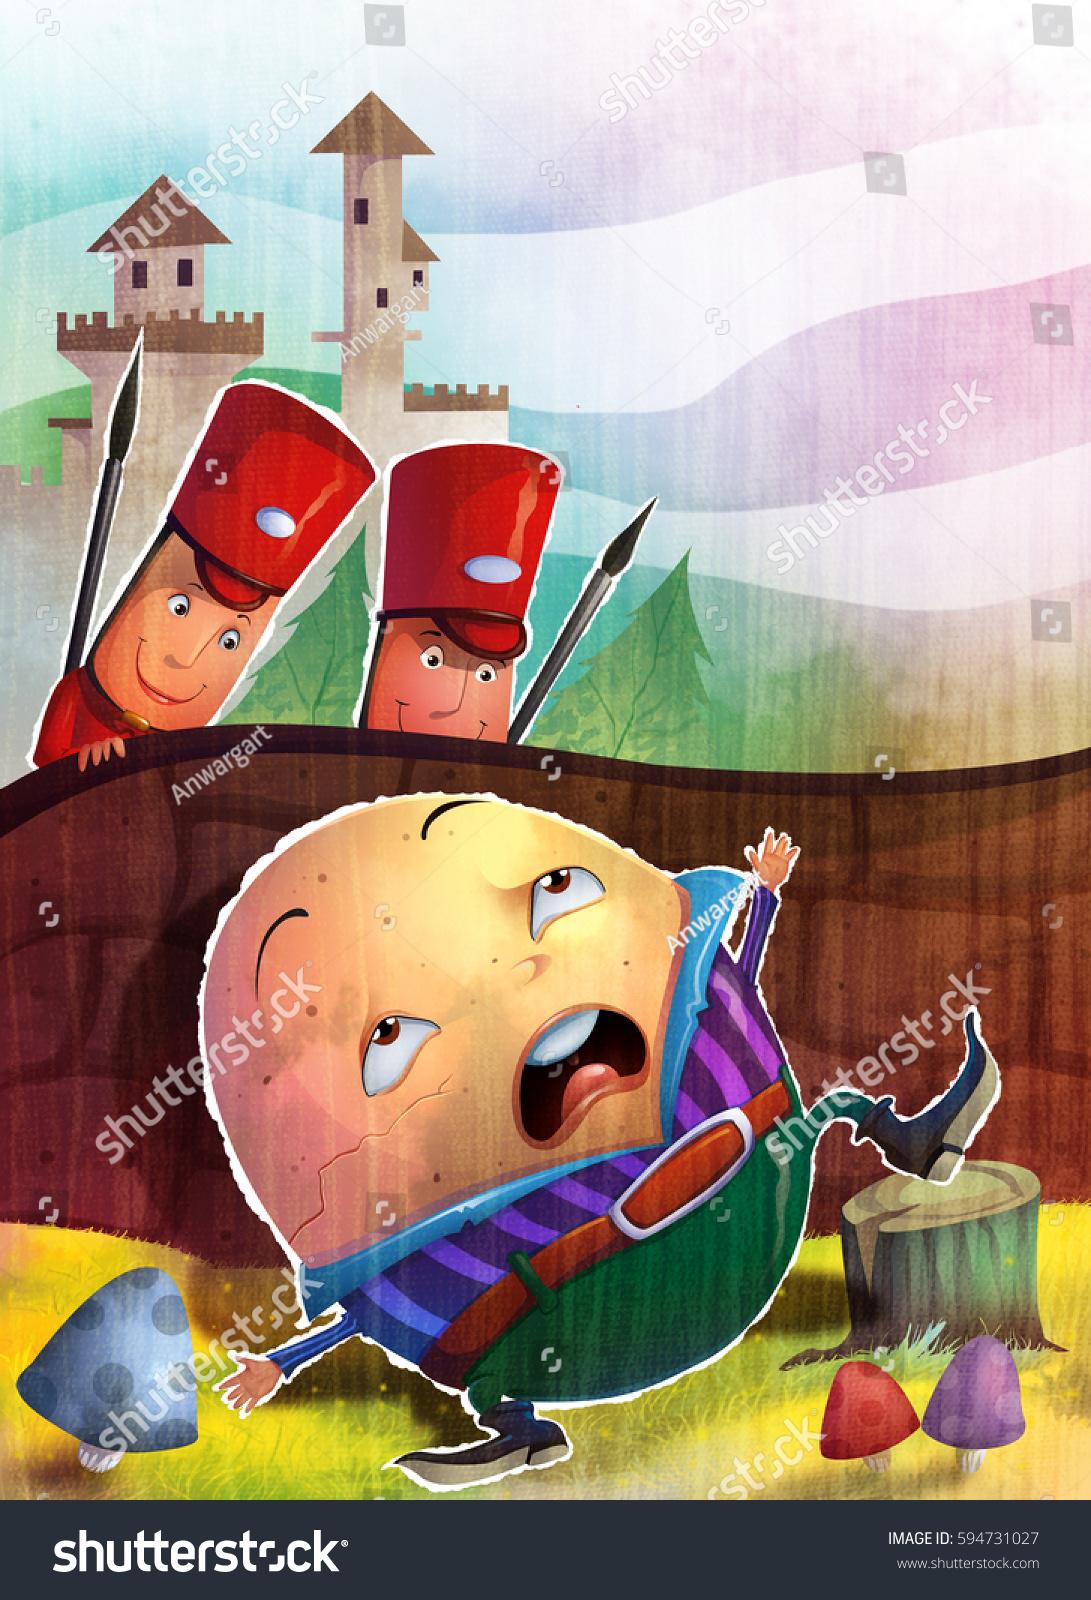 Illustration Humpty Dumpty Sat On Wall Stock Illustration 594731027